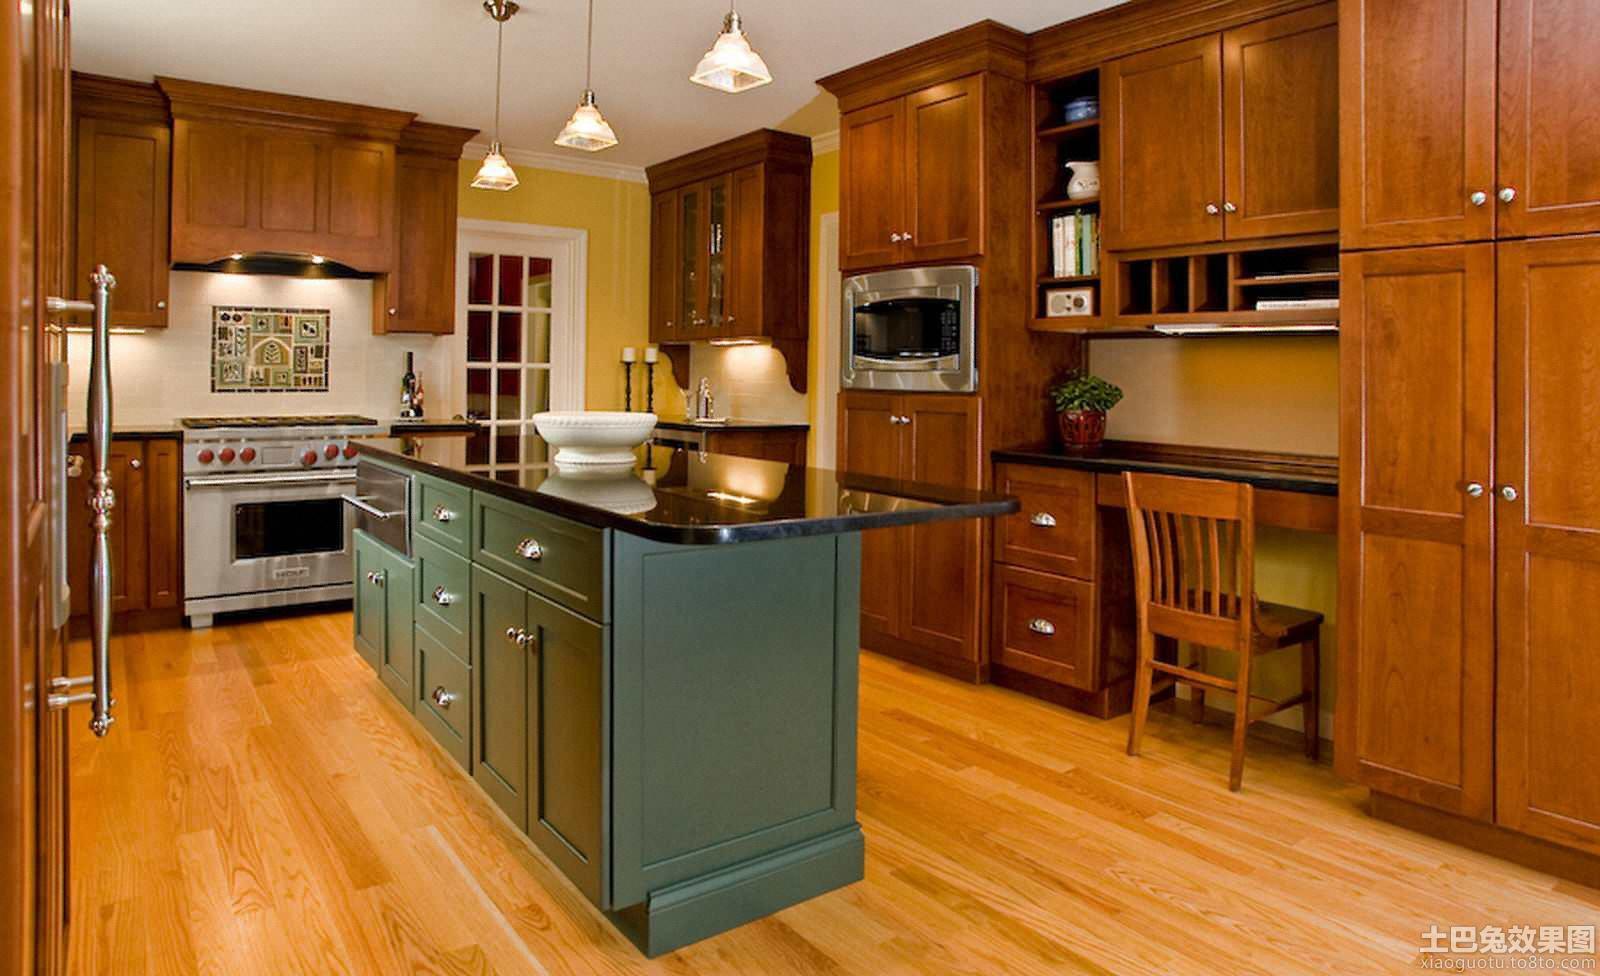 意大利风格一体式大厨房设计图片 (6/10)图片